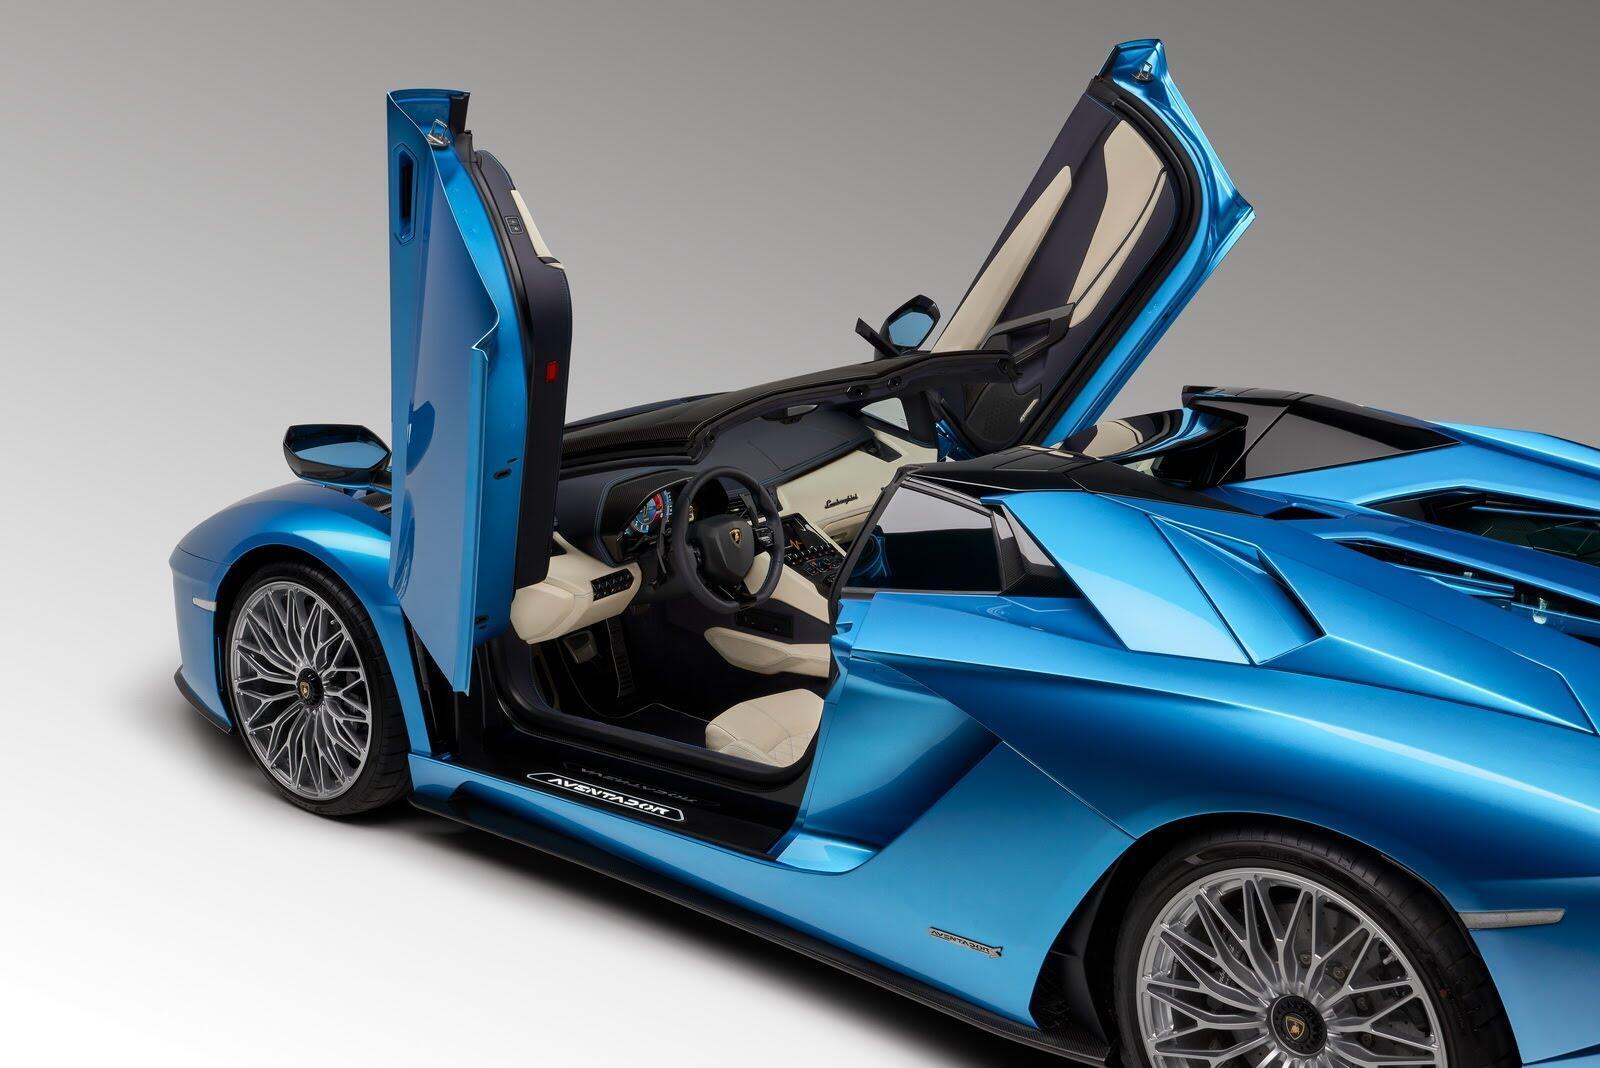 Siêu xe Lamborghini Aventador S Roadster chính thức trình làng - Hình 2